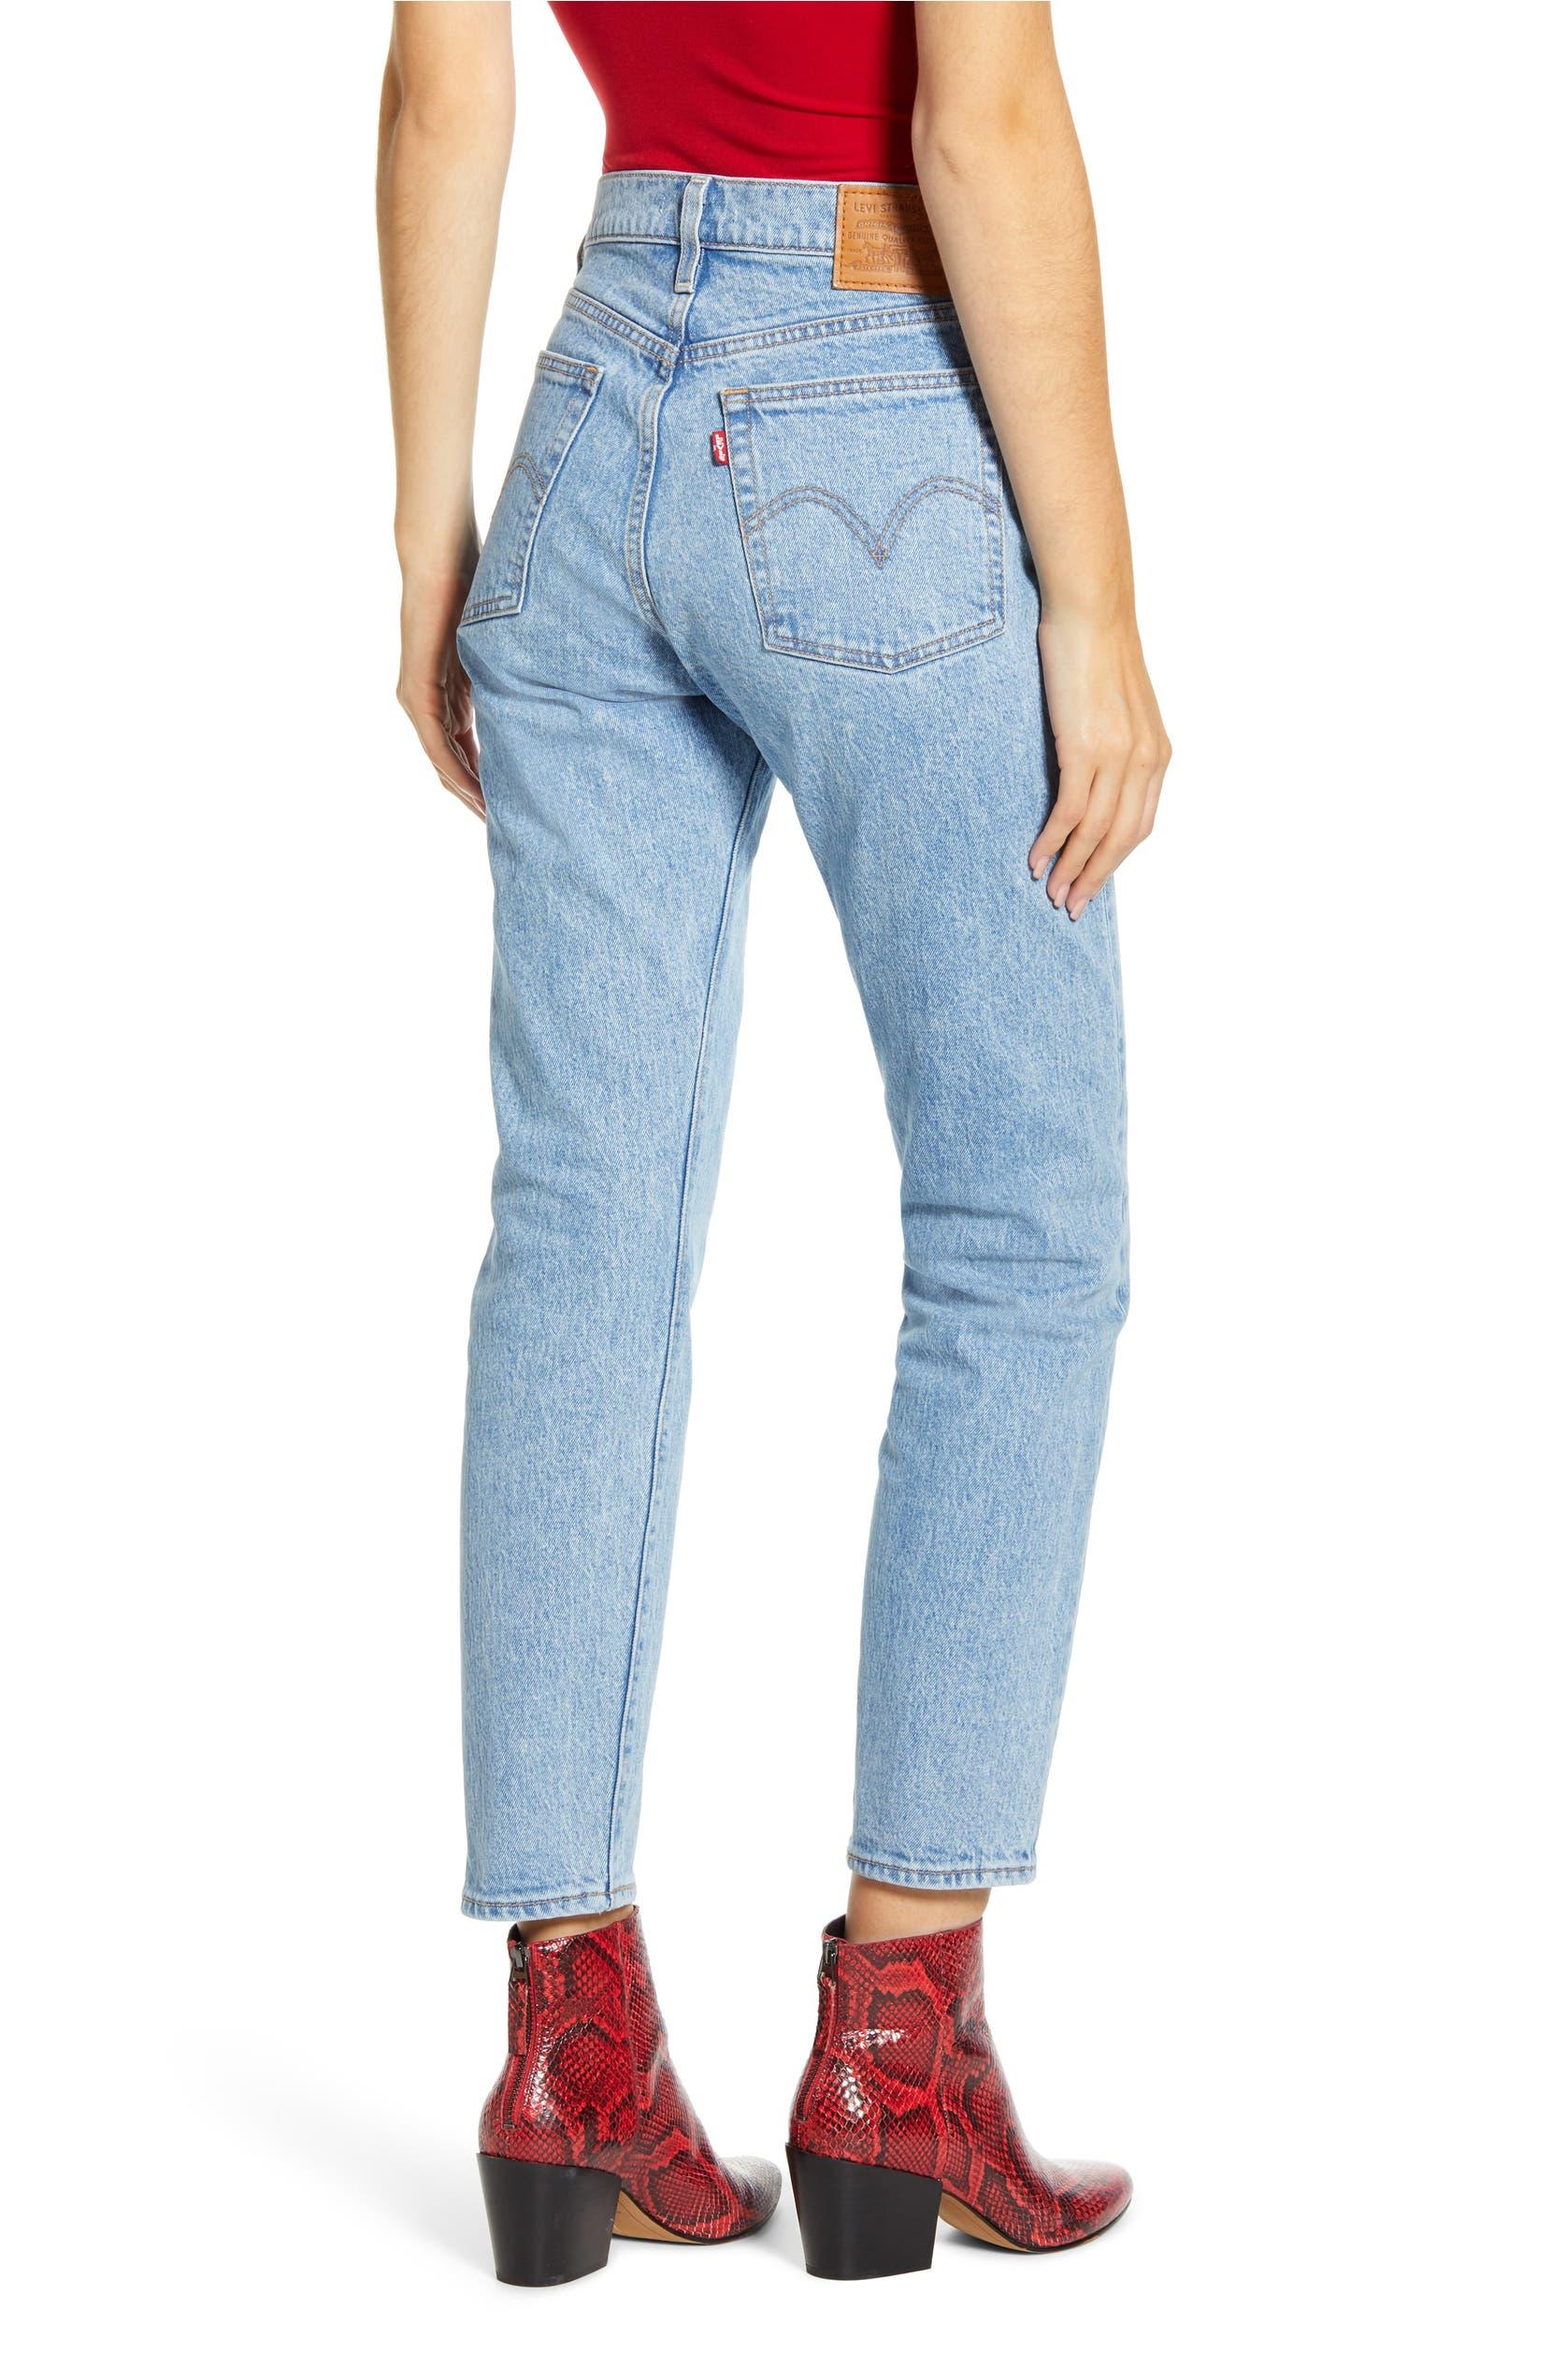 Jeans de cintura alta LEVI'S Wedgie Icon Fit, Alternate, cor, TANGO LIGHT